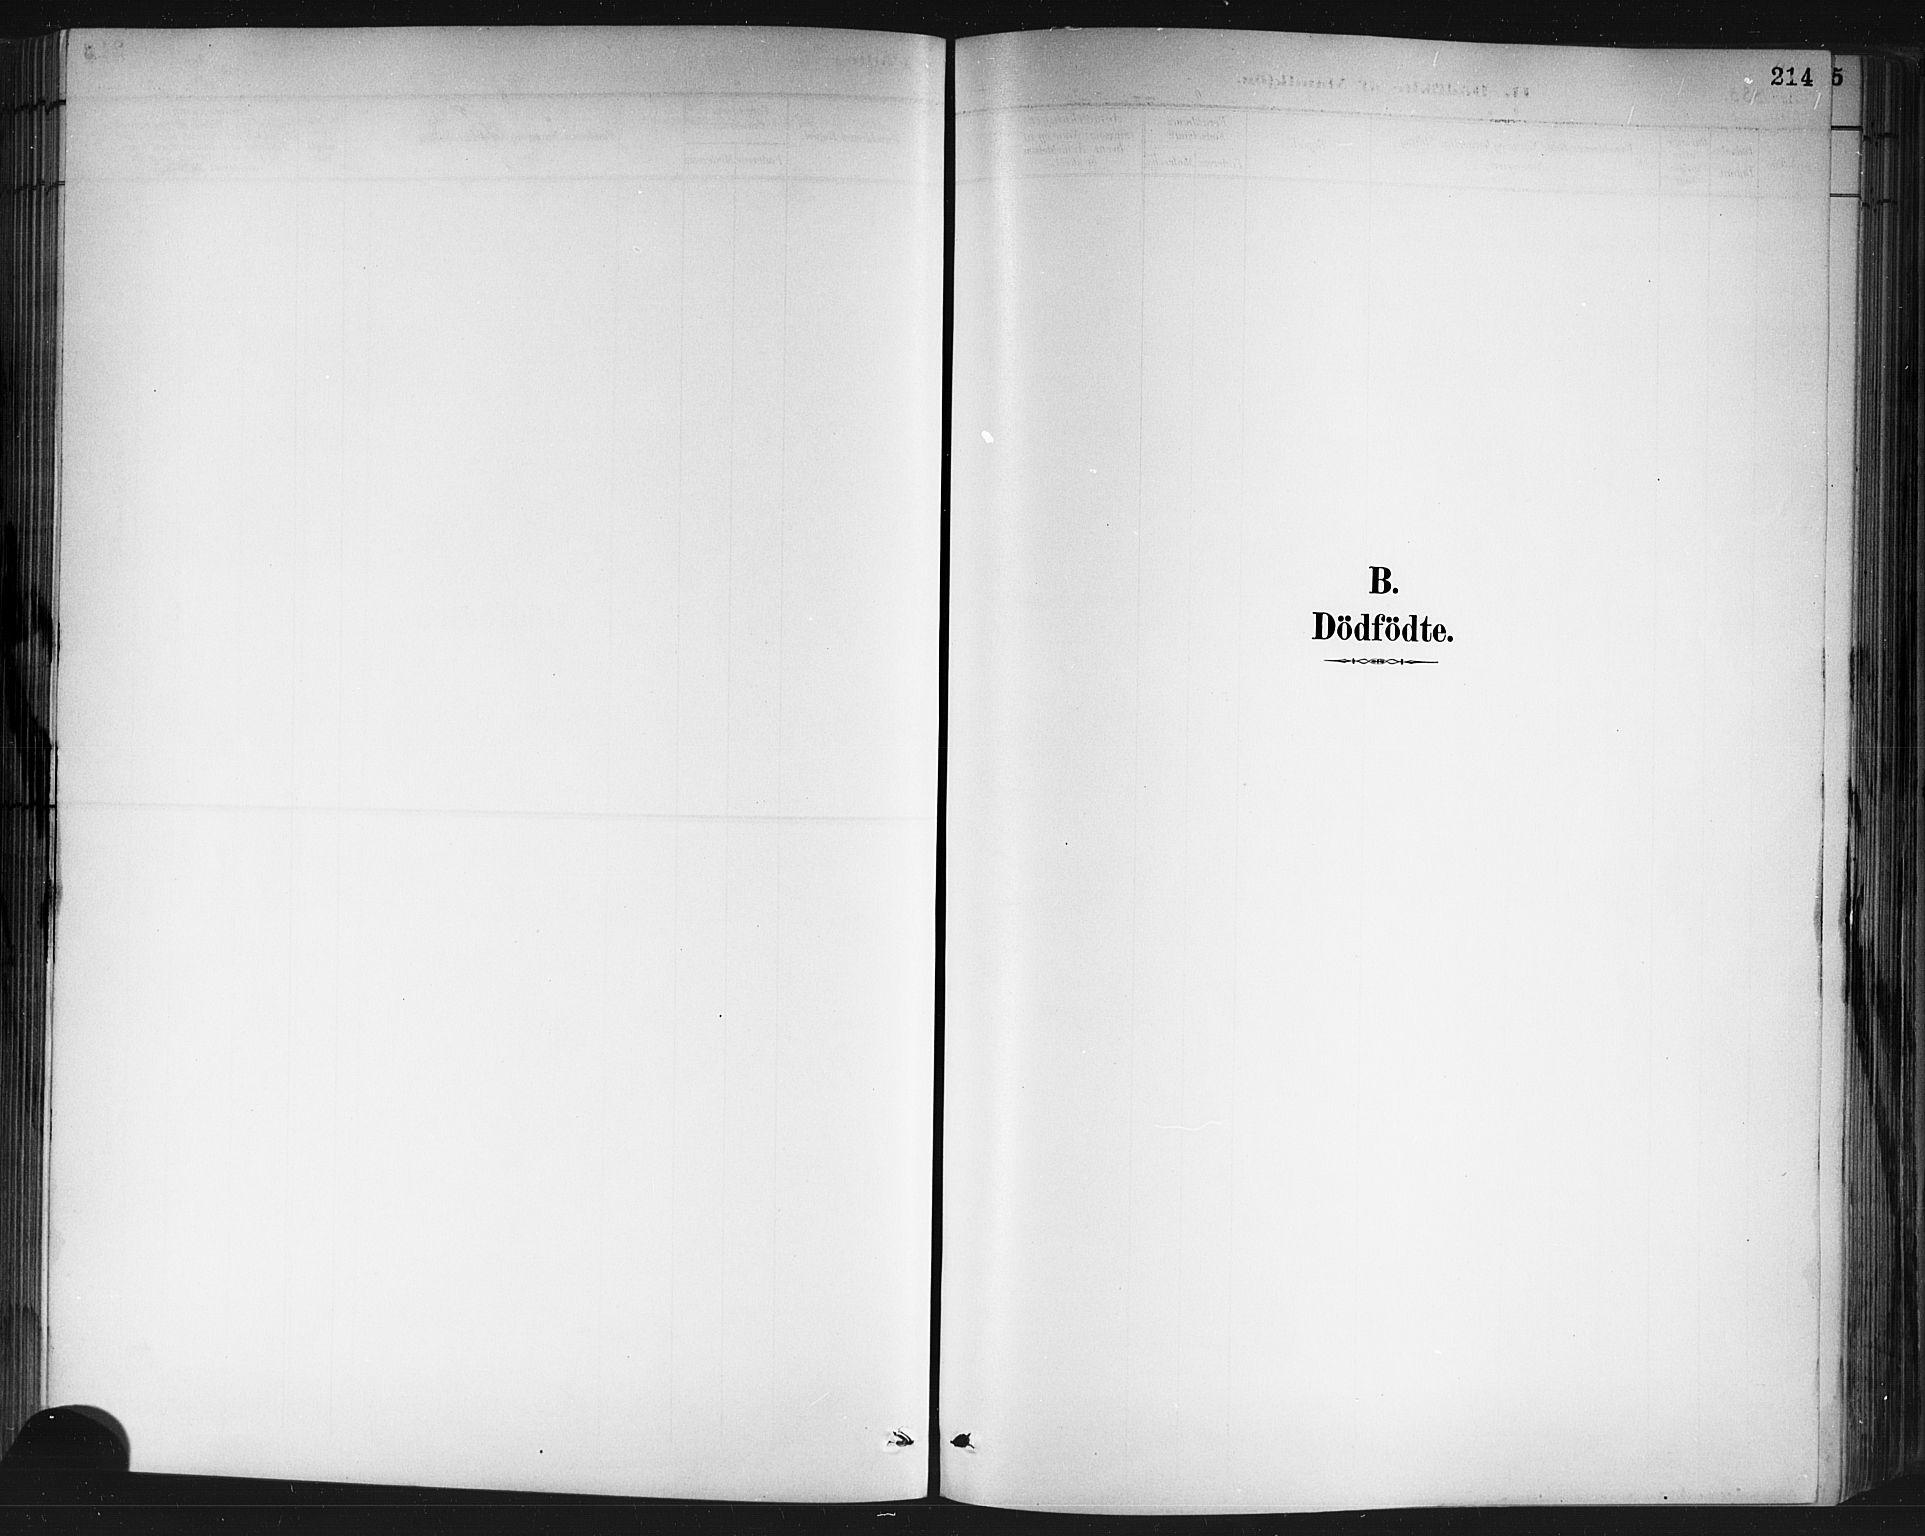 SAKO, Porsgrunn kirkebøker , G/Gb/L0005: Klokkerbok nr. II 5, 1883-1915, s. 214